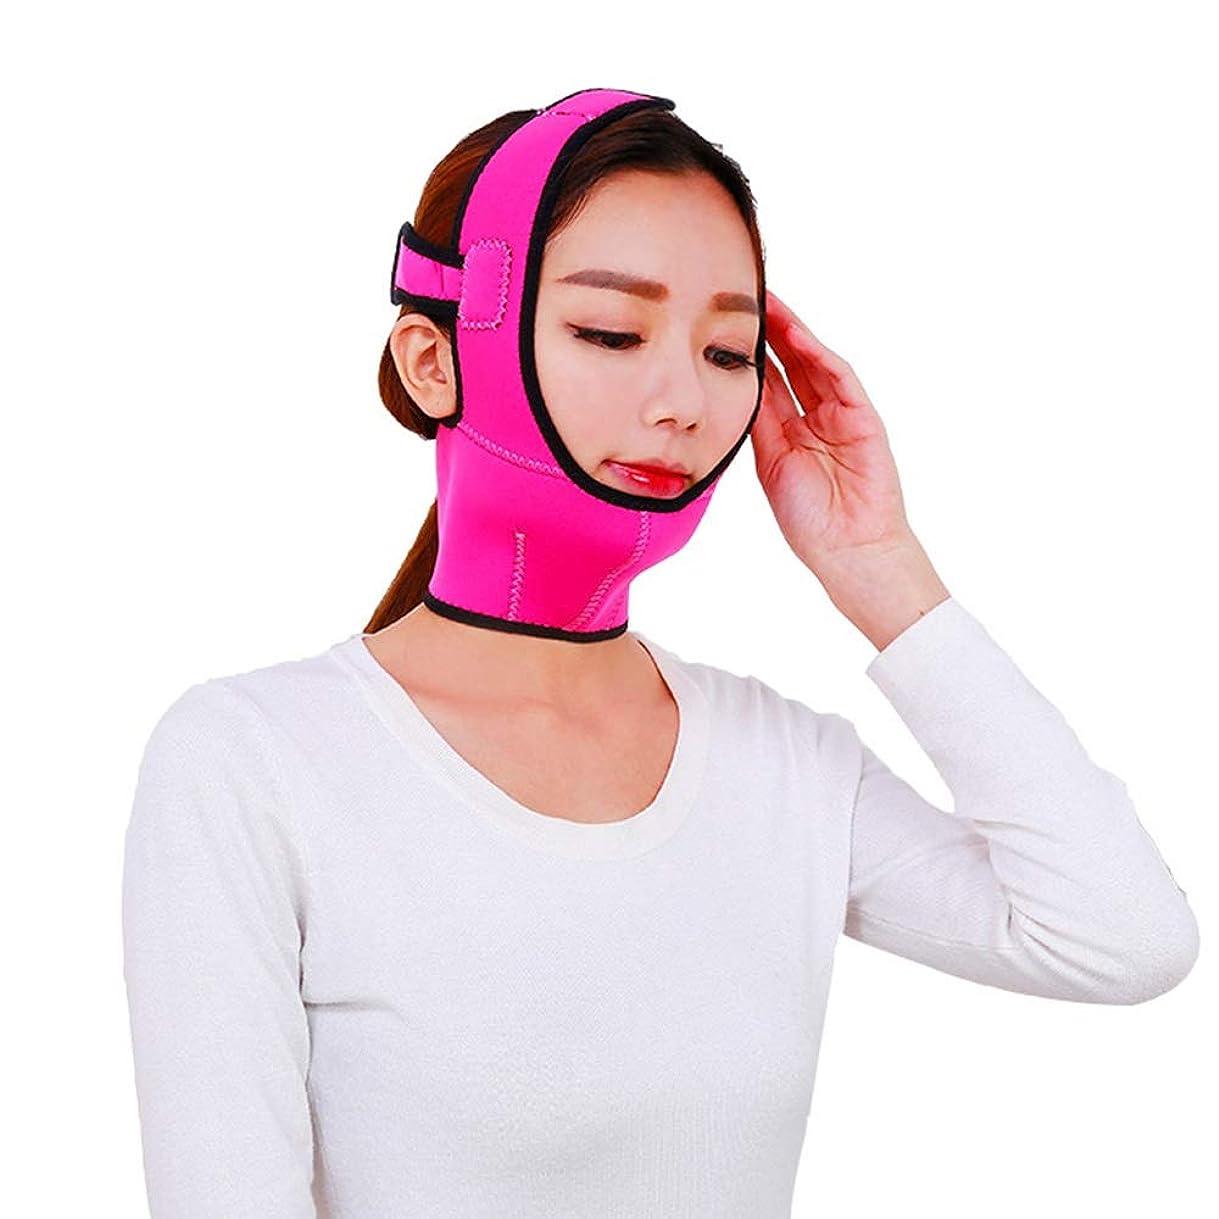 フルーティー金属ポジティブ顔を持ち上げるベルト通気性の顔面リフティング包帯ダブルチン顔面リフティングマスクを締めるV顔面顔面リフレッシングツール